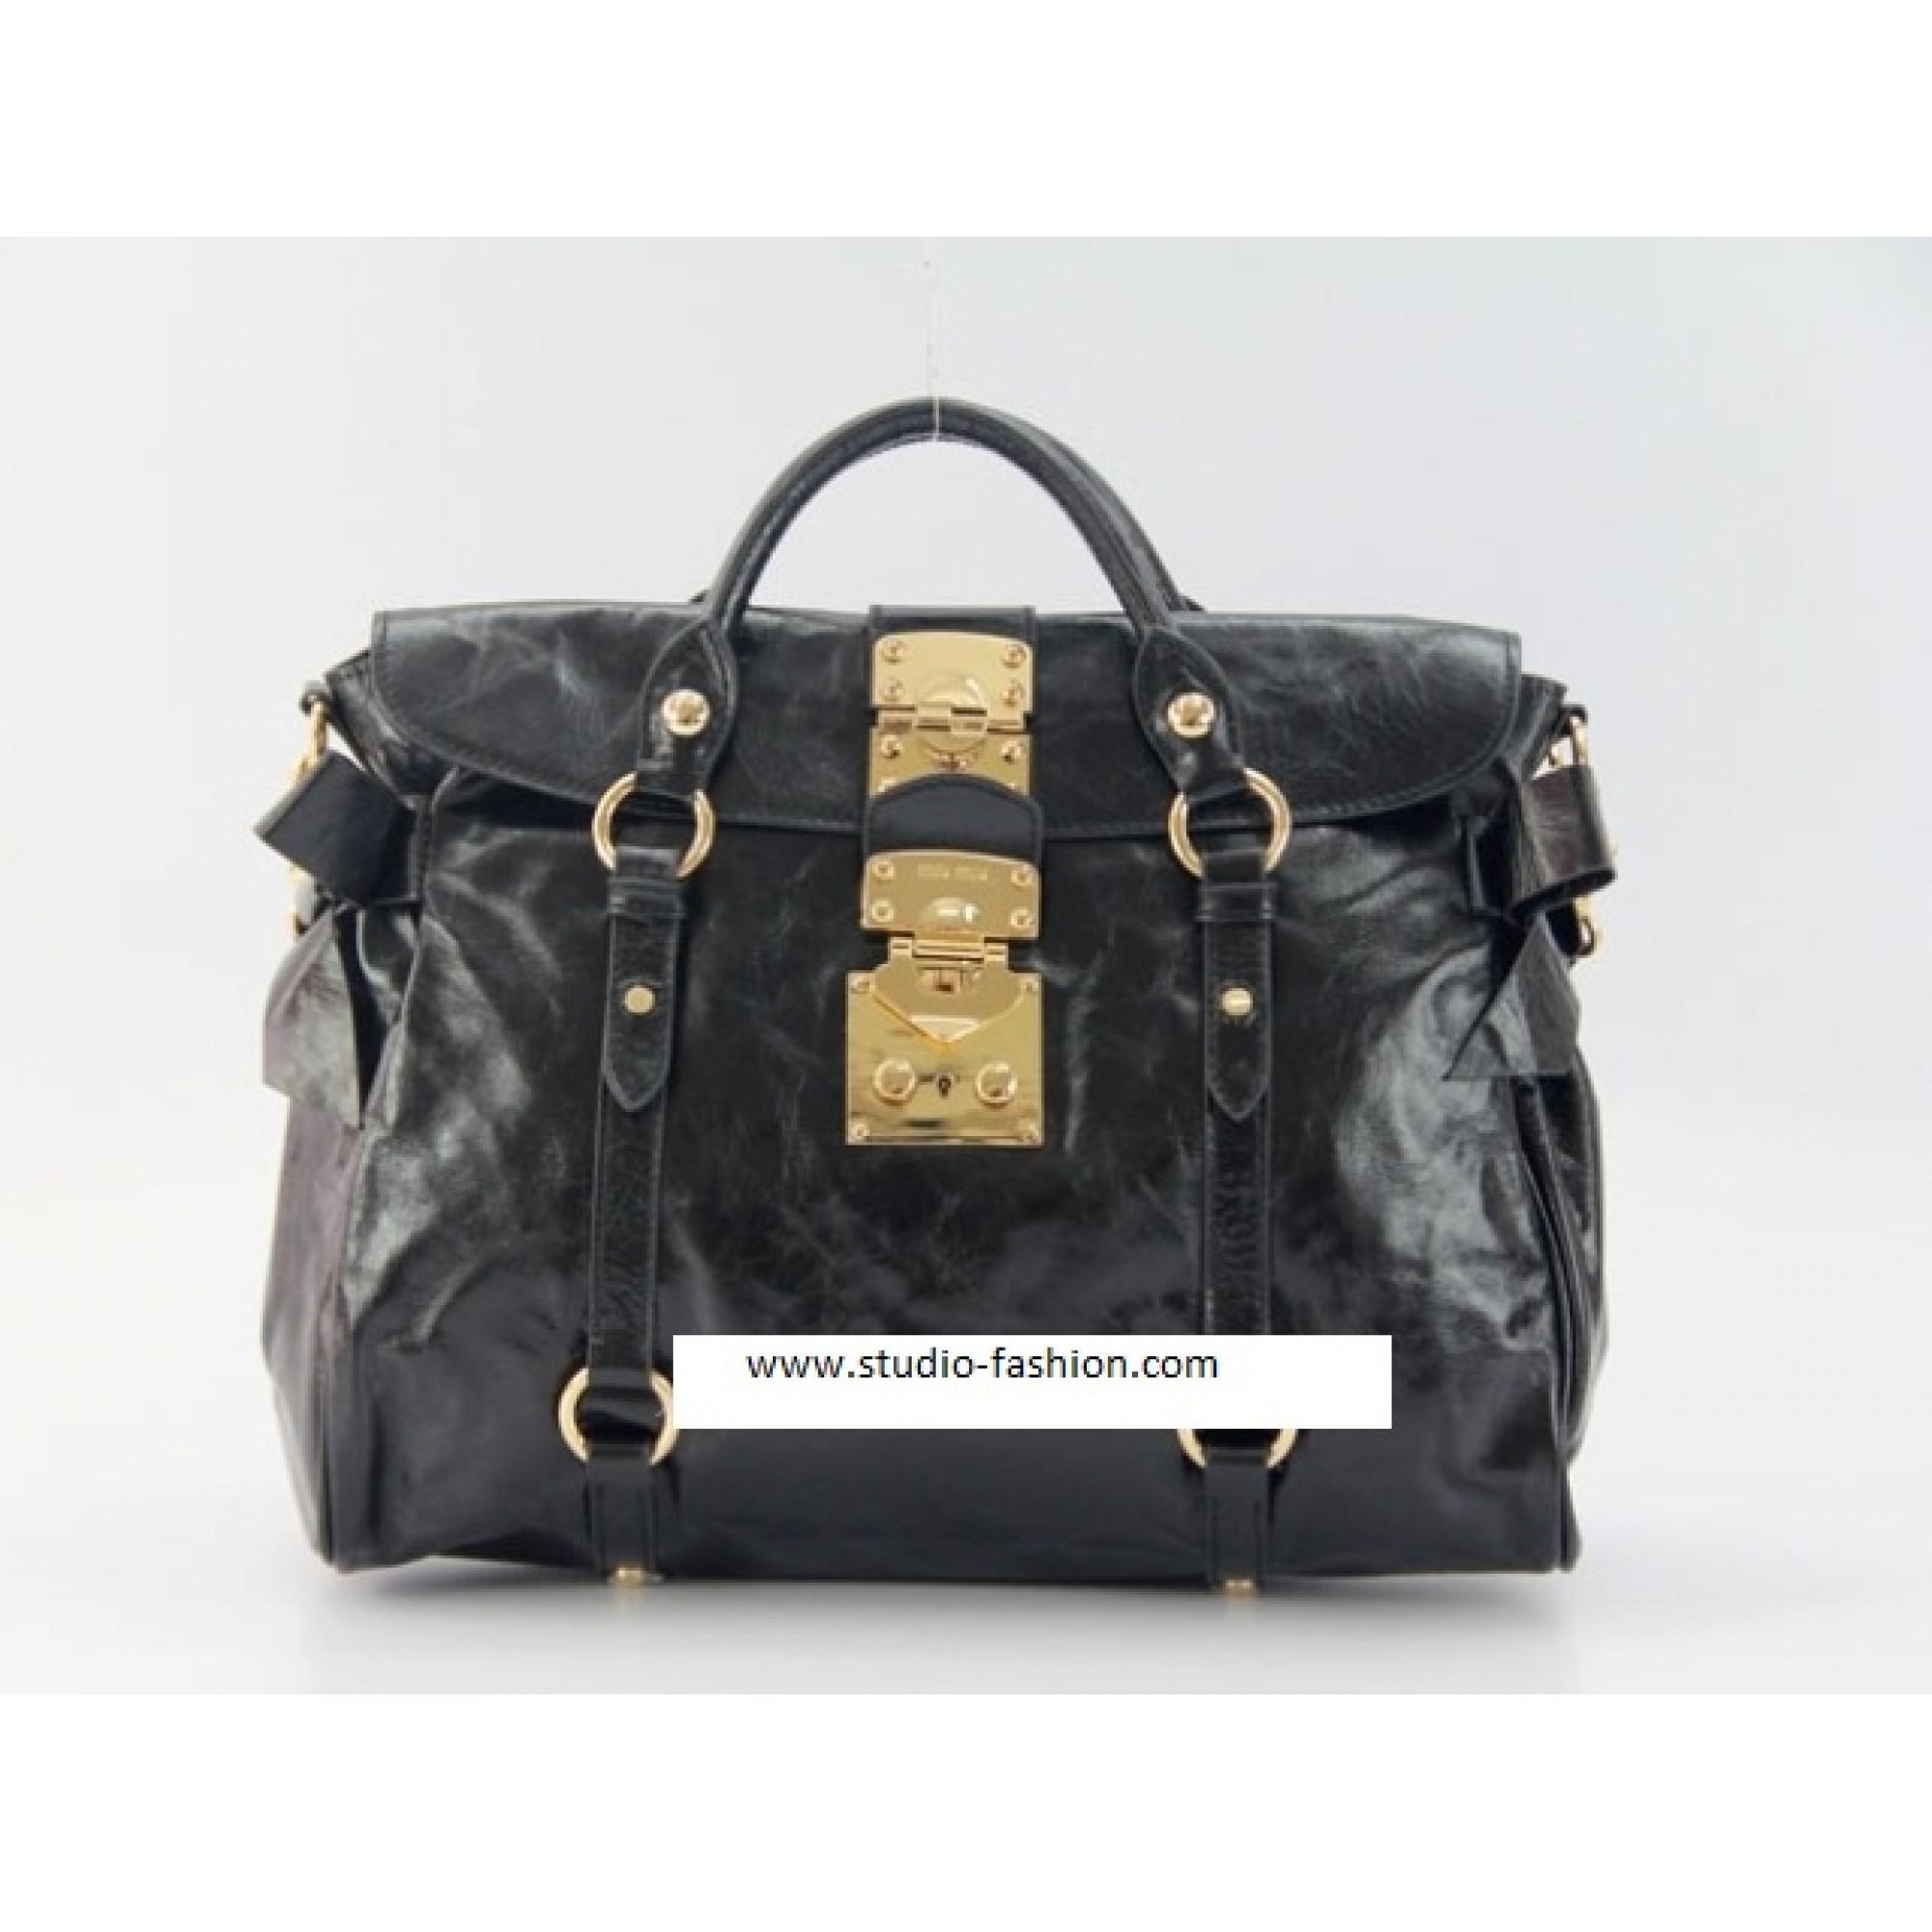 Купить сумка женская кожаная от Miu Miu — в Киеве, код товара 5427 7c703bfdea8